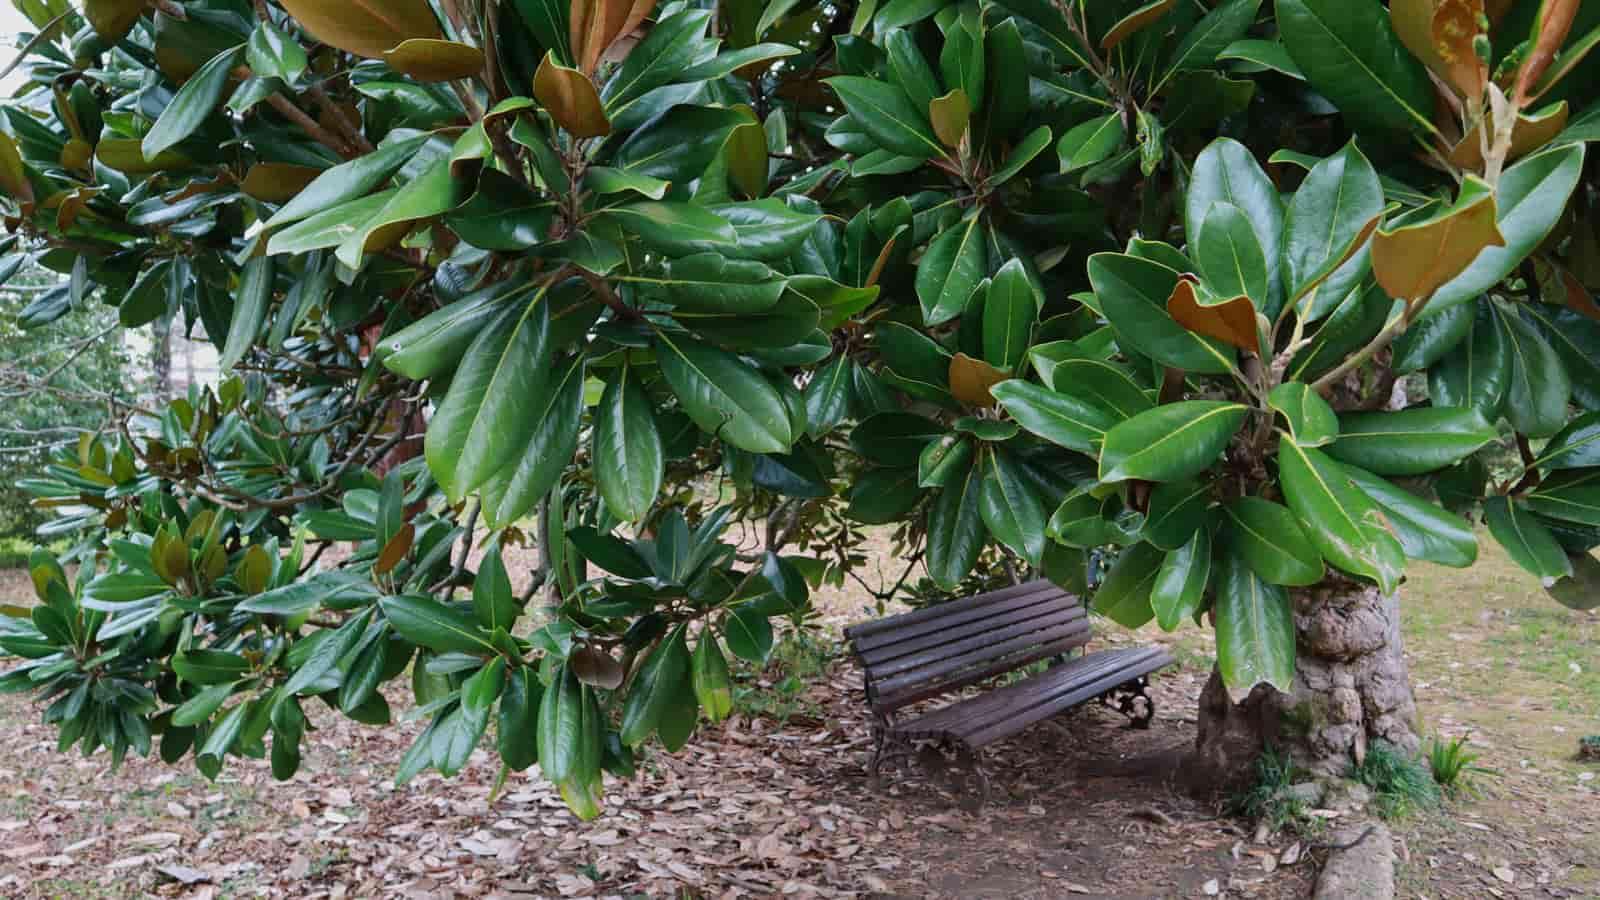 abhaziya-botanicheskiy-sad (9)